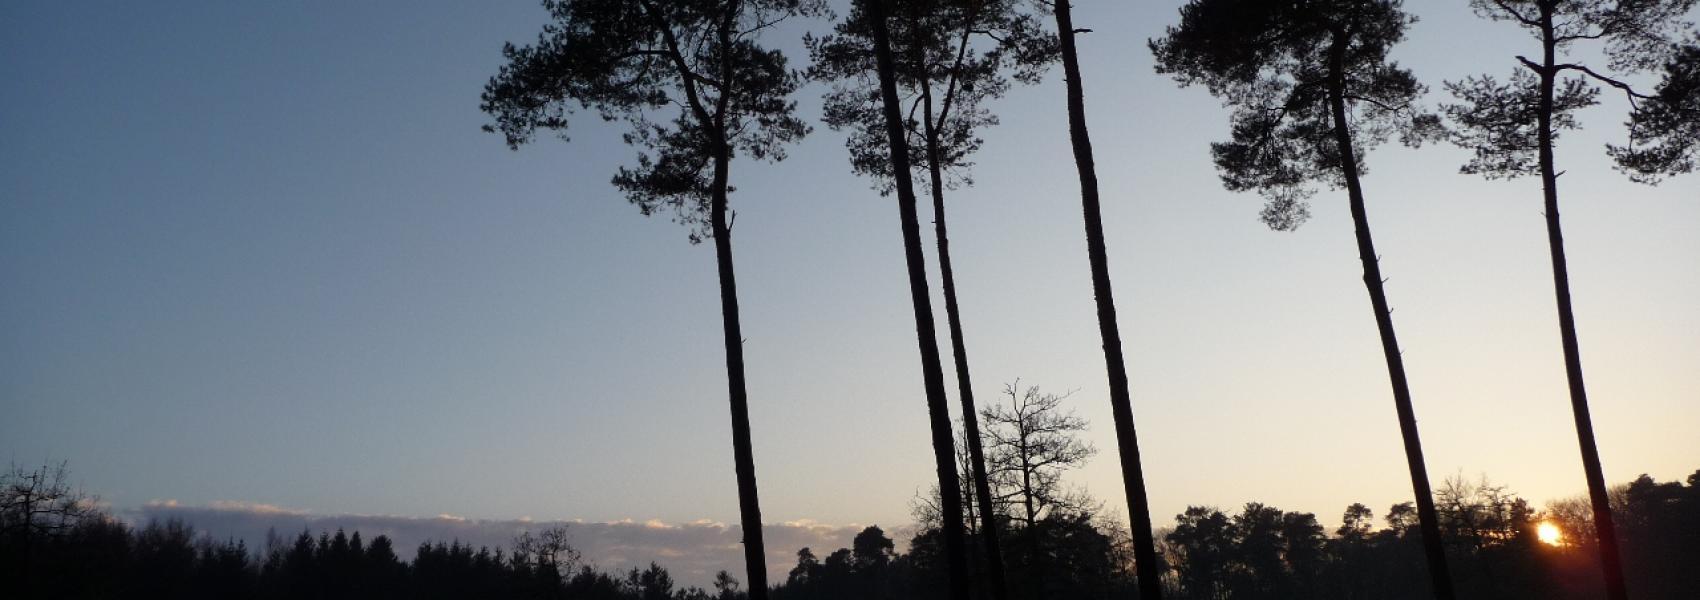 hoge bomen bij ondergaande zon